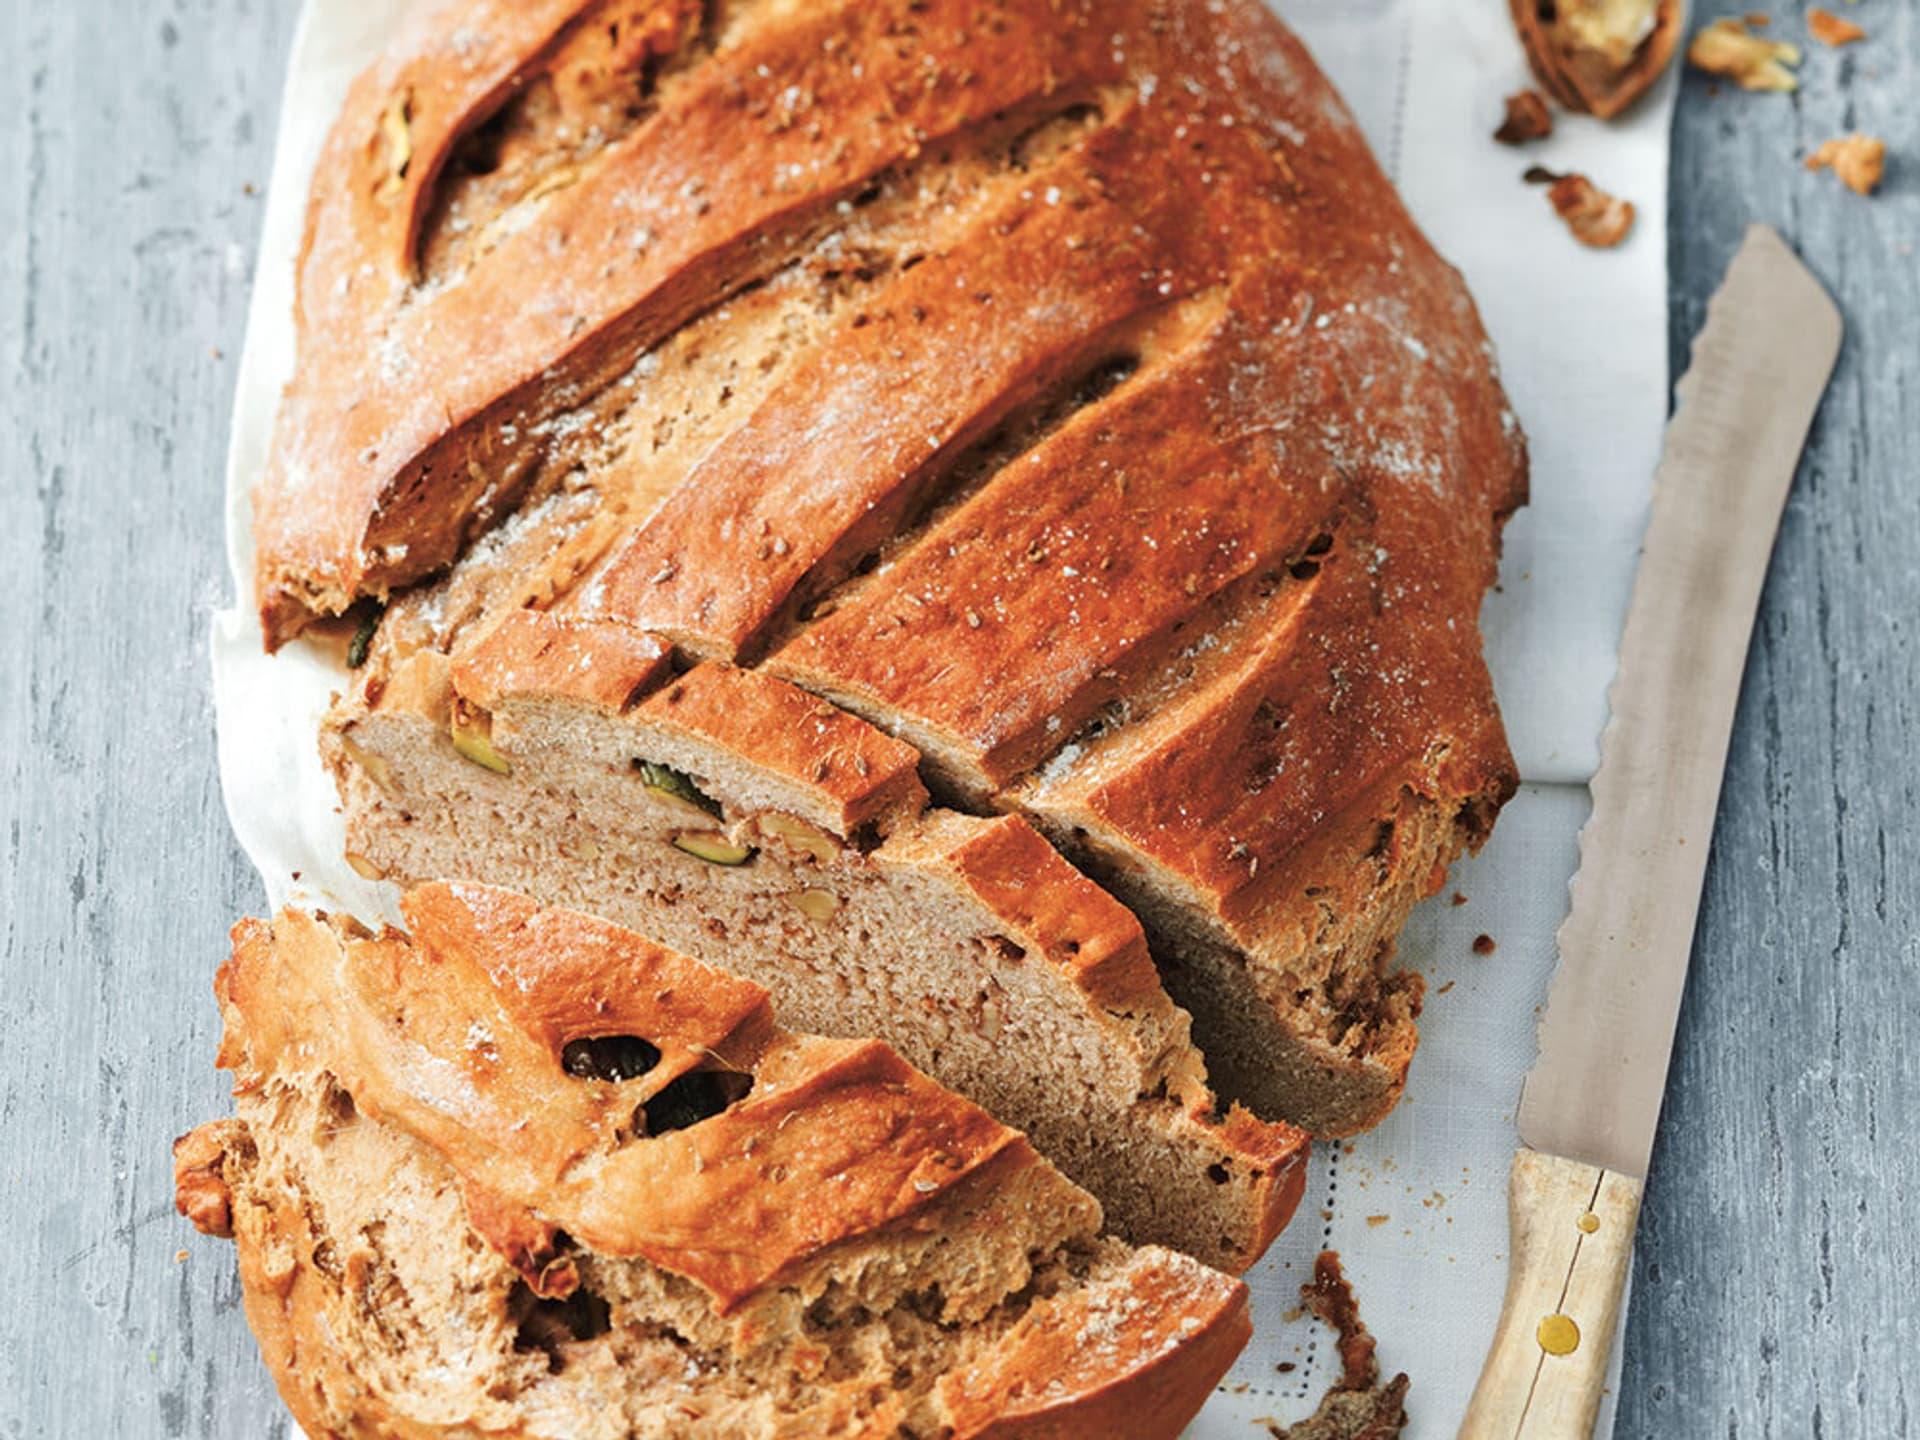 Zucchini-Brot Walnuss